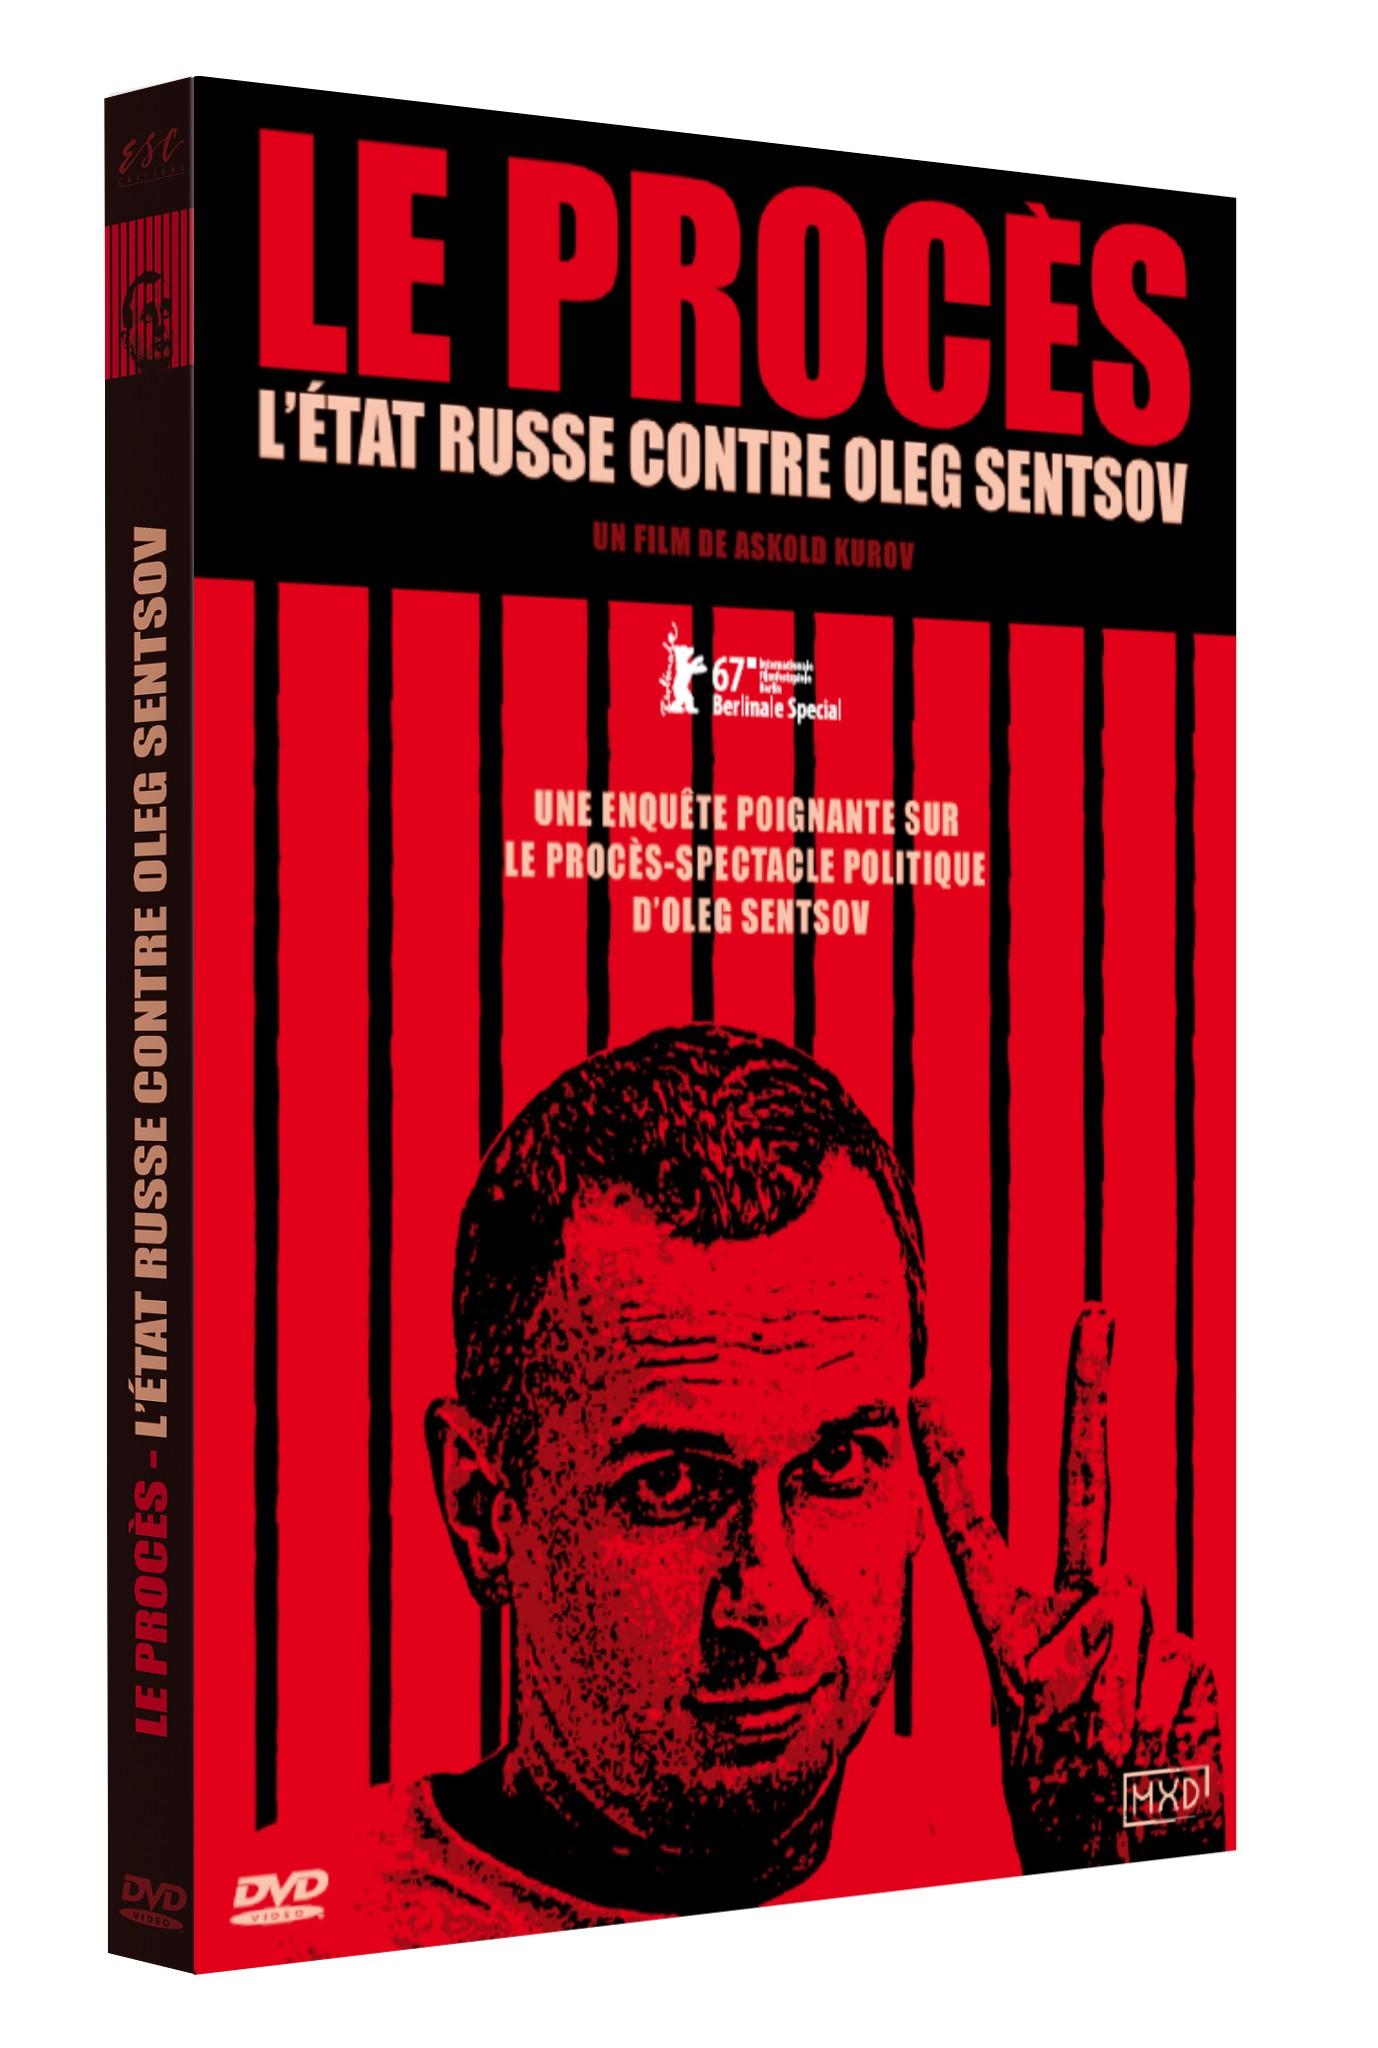 LE PROCES : L'ETAT RUSSE CONTRE OLEG SENTSOV